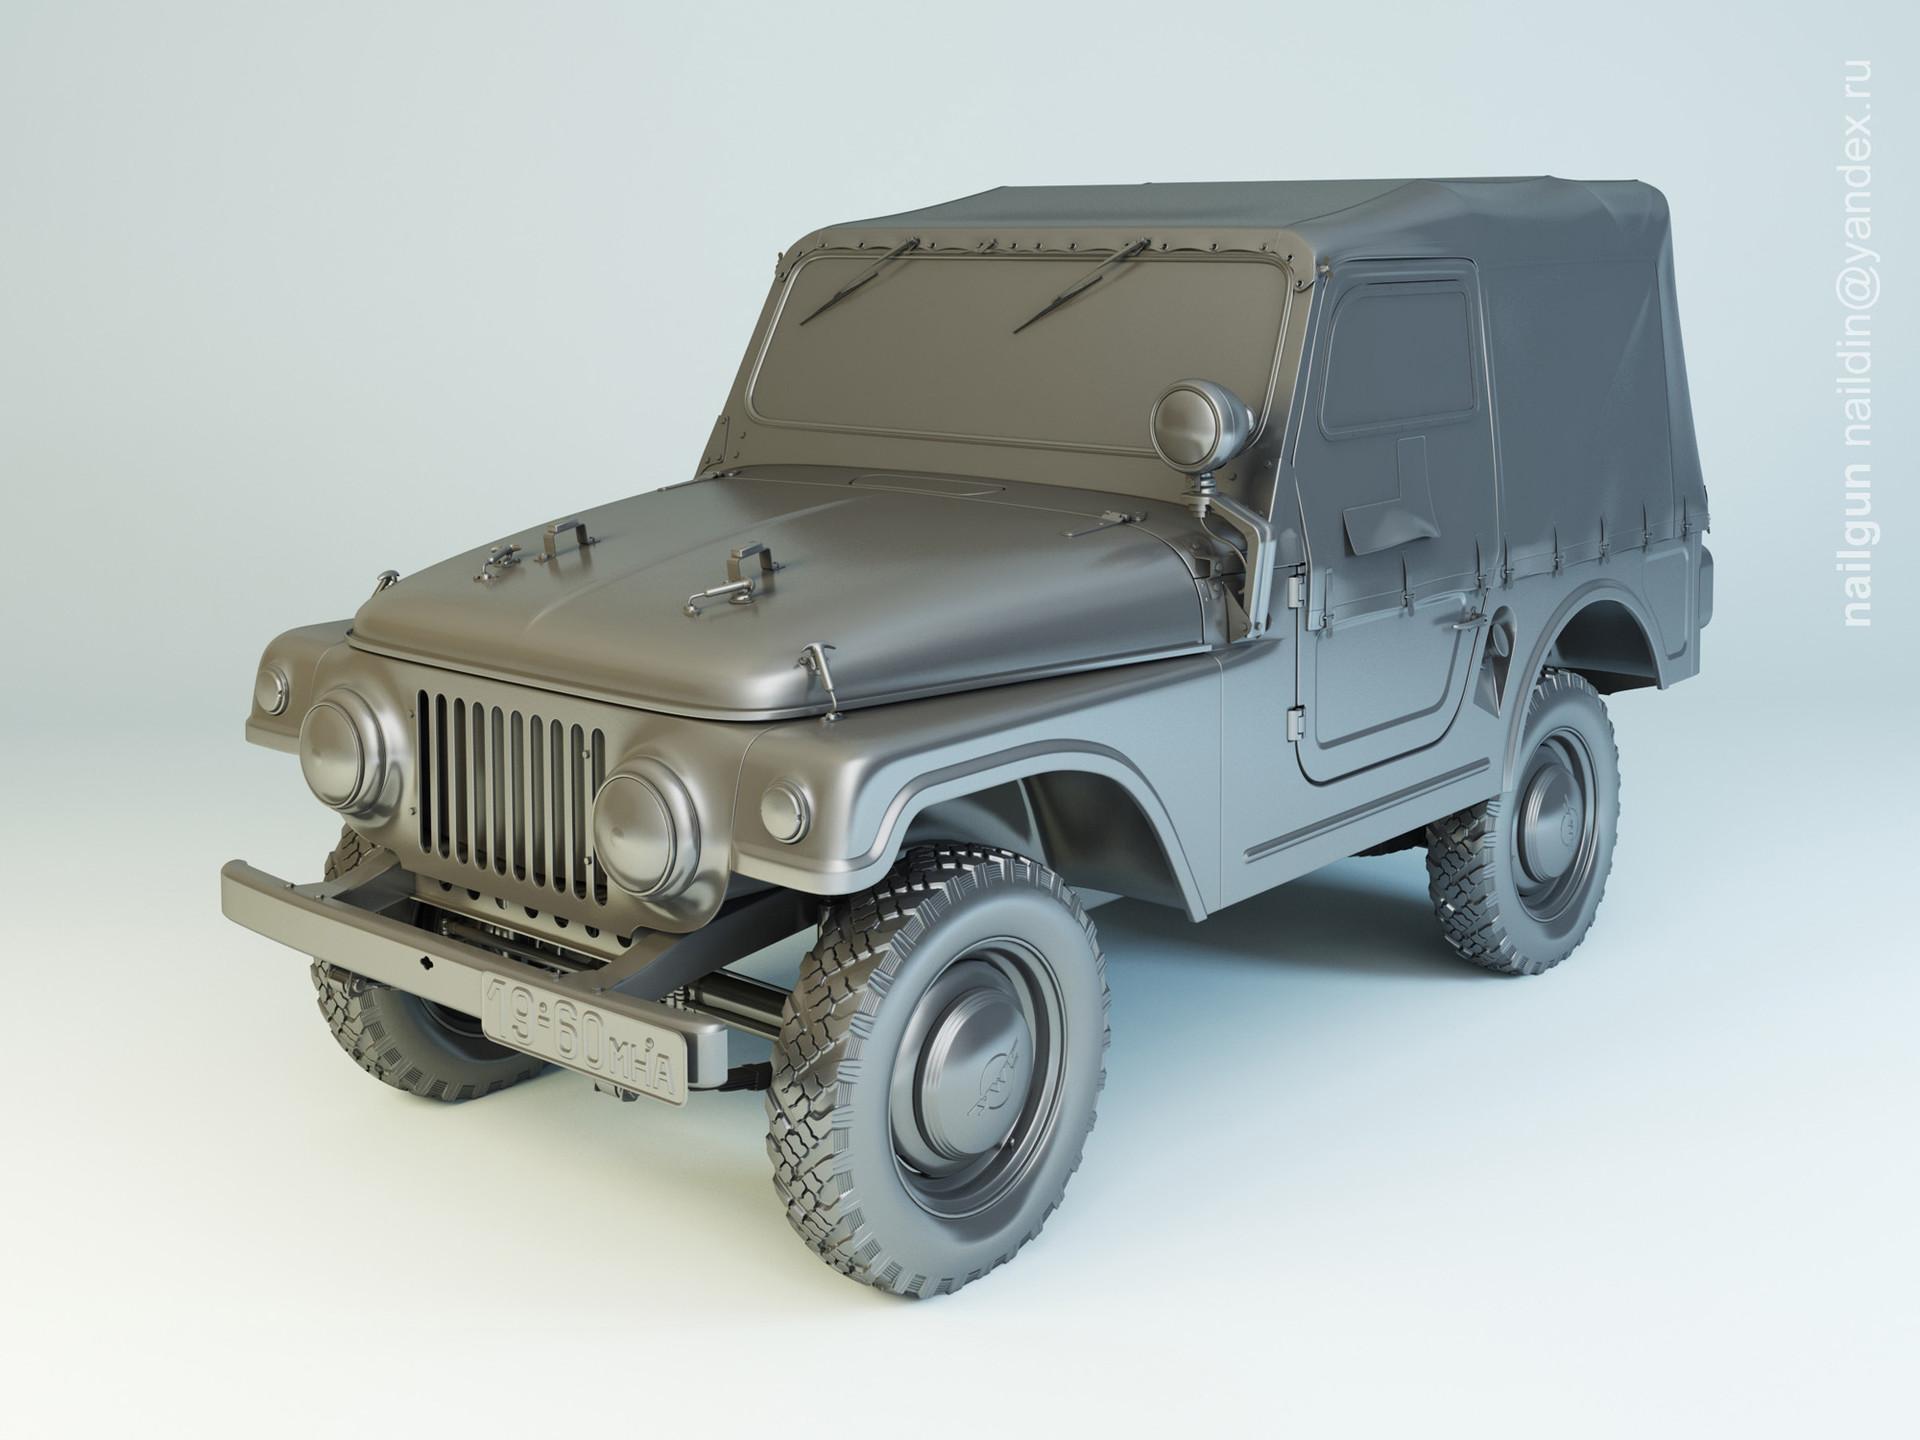 Nail khusnutdinov 005 mzma 415 modelling 0